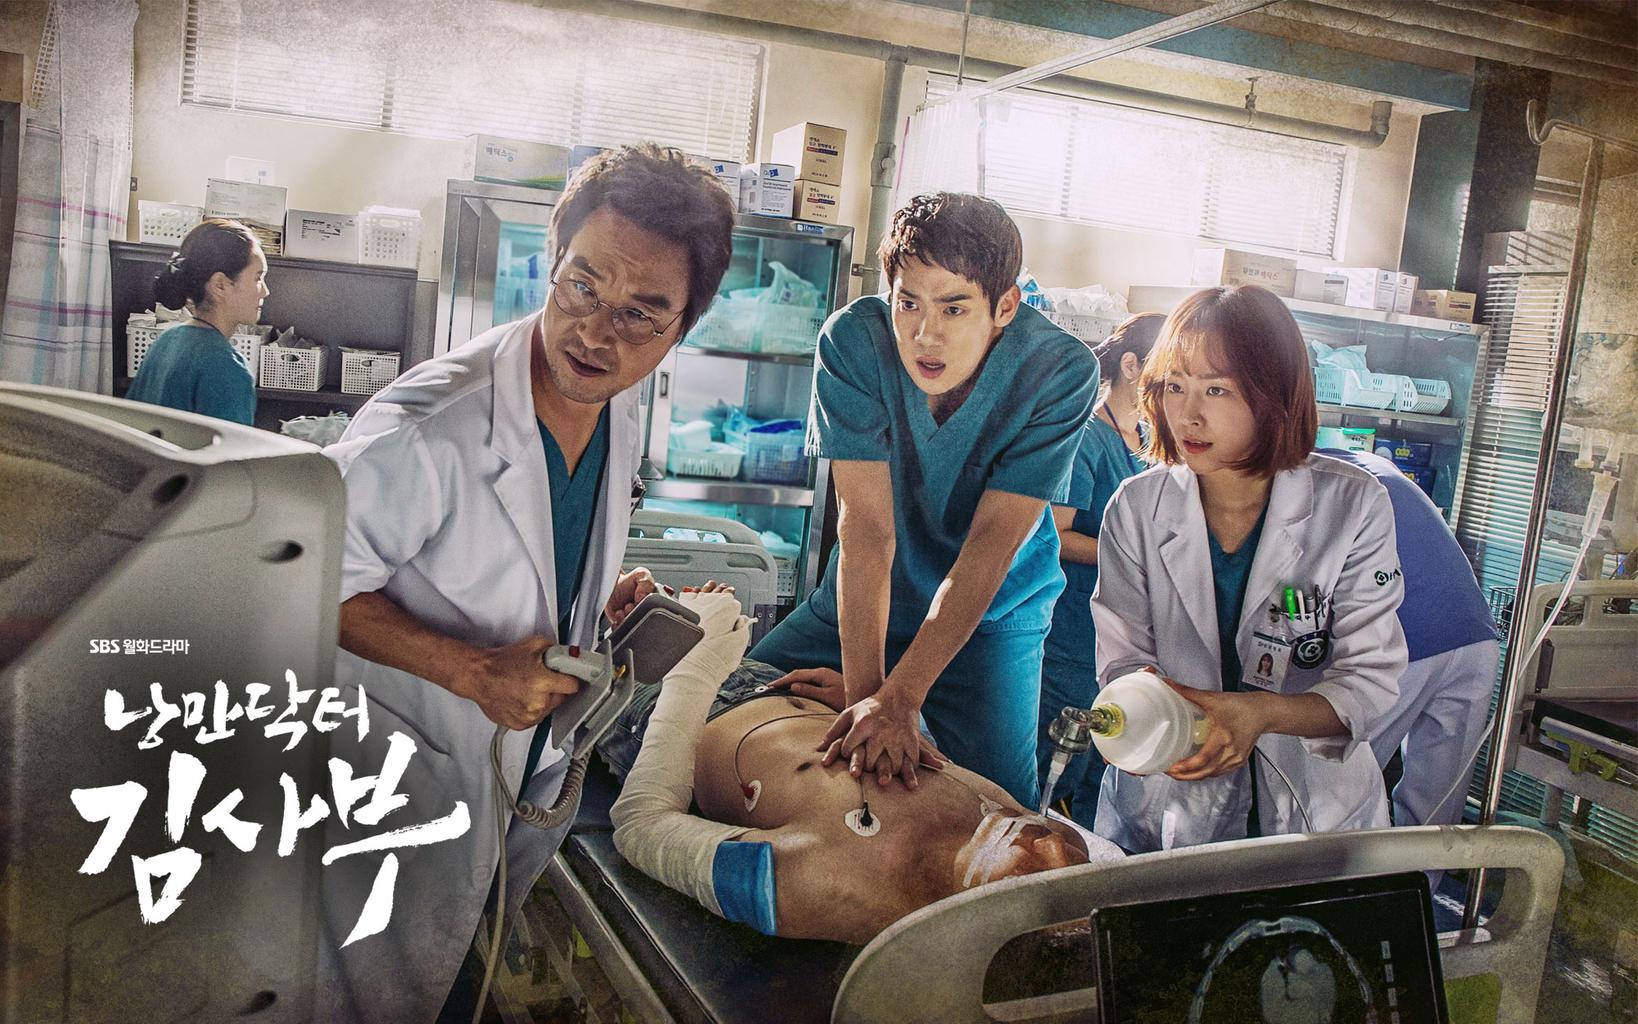 浪漫醫生金師傅1第21集|免費線上看|韓劇|LINE TV-精彩隨看